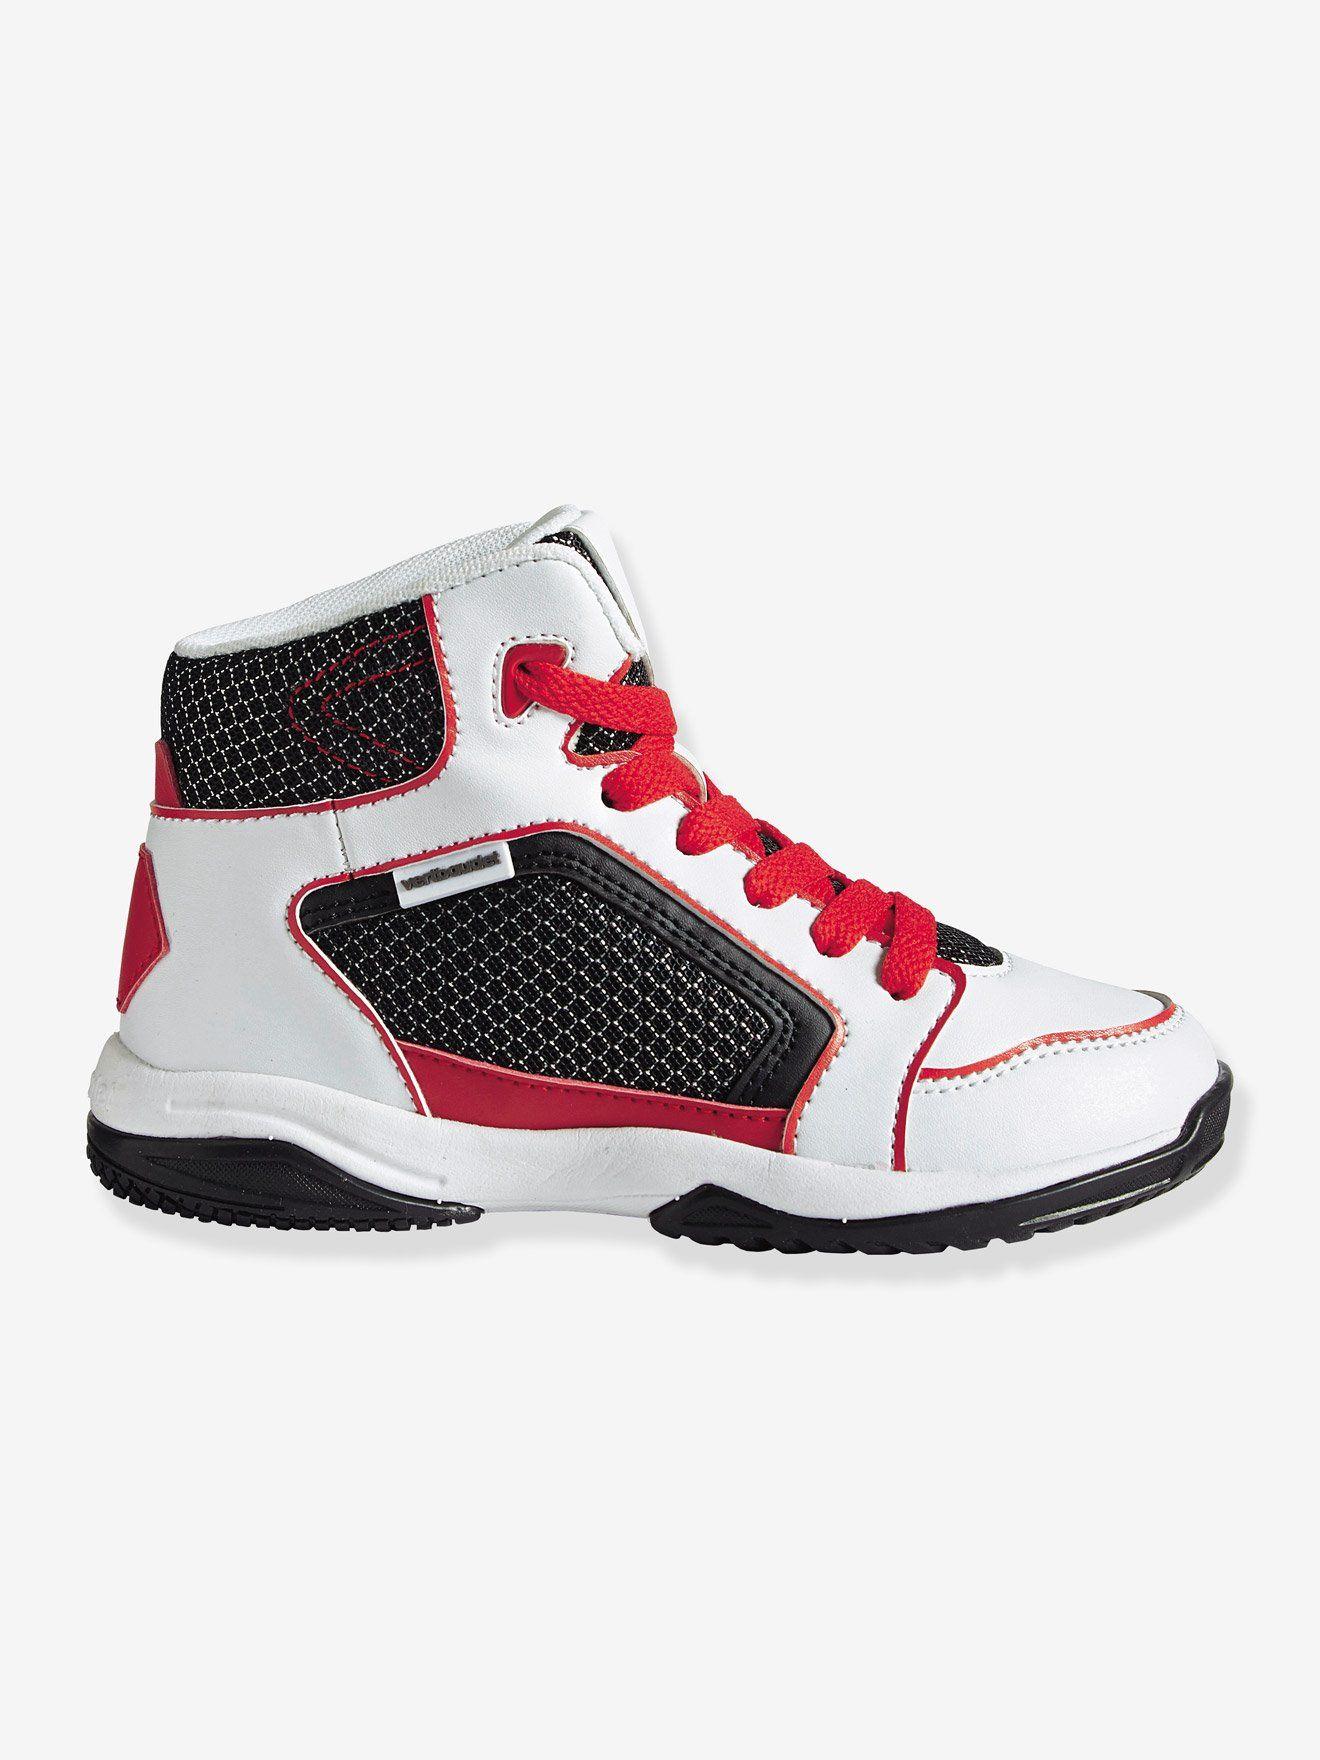 Le NoirrougeShoes Pour Sport Basket Baskets Montantes 8POknw0X